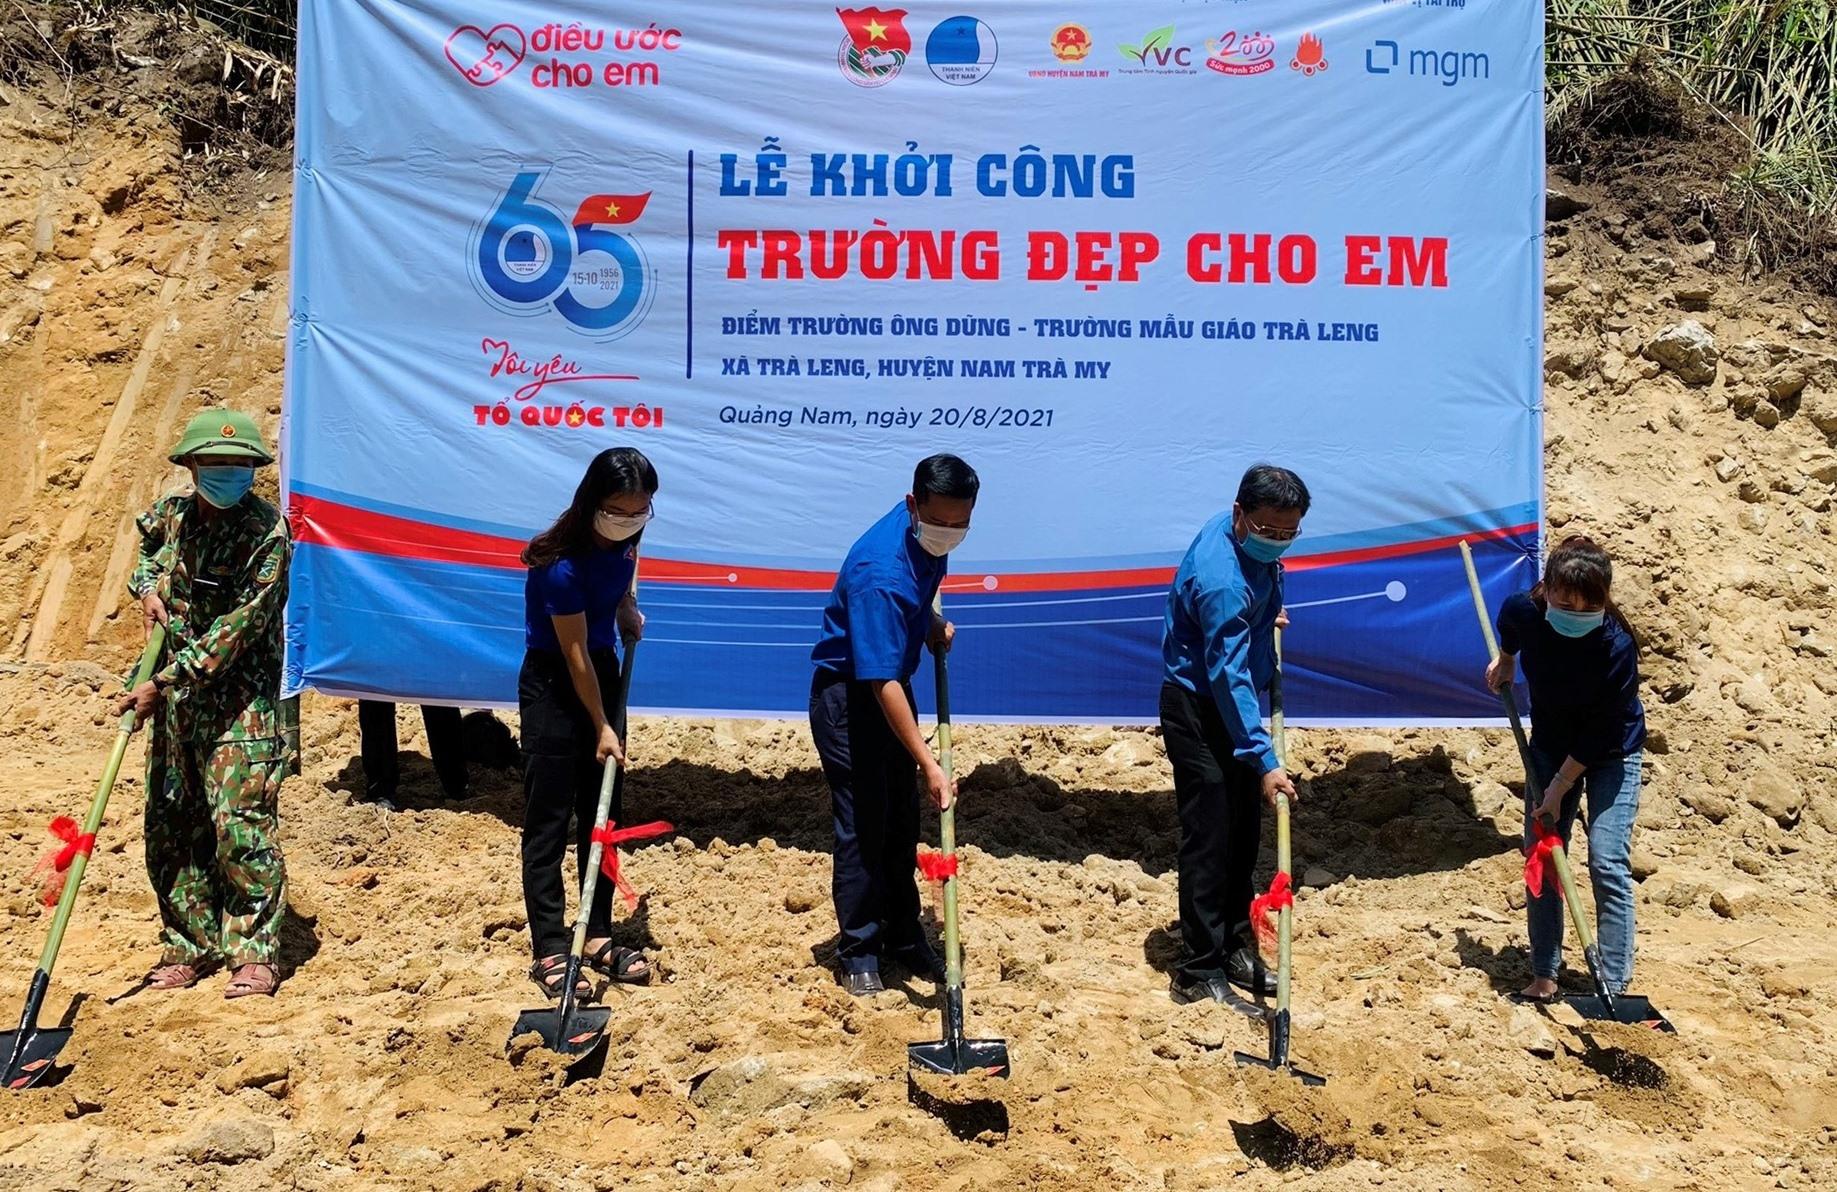 Lễ khởi công xây dựng điểm trường mẫu giáo nhân kỷ niệm 65 năm Ngày truyền thống Hội LHTN tại Nóc Ông Dũng (xã Trà Leng, huyện Nam Trà My).Ảnh: THÁI CƯỜNG